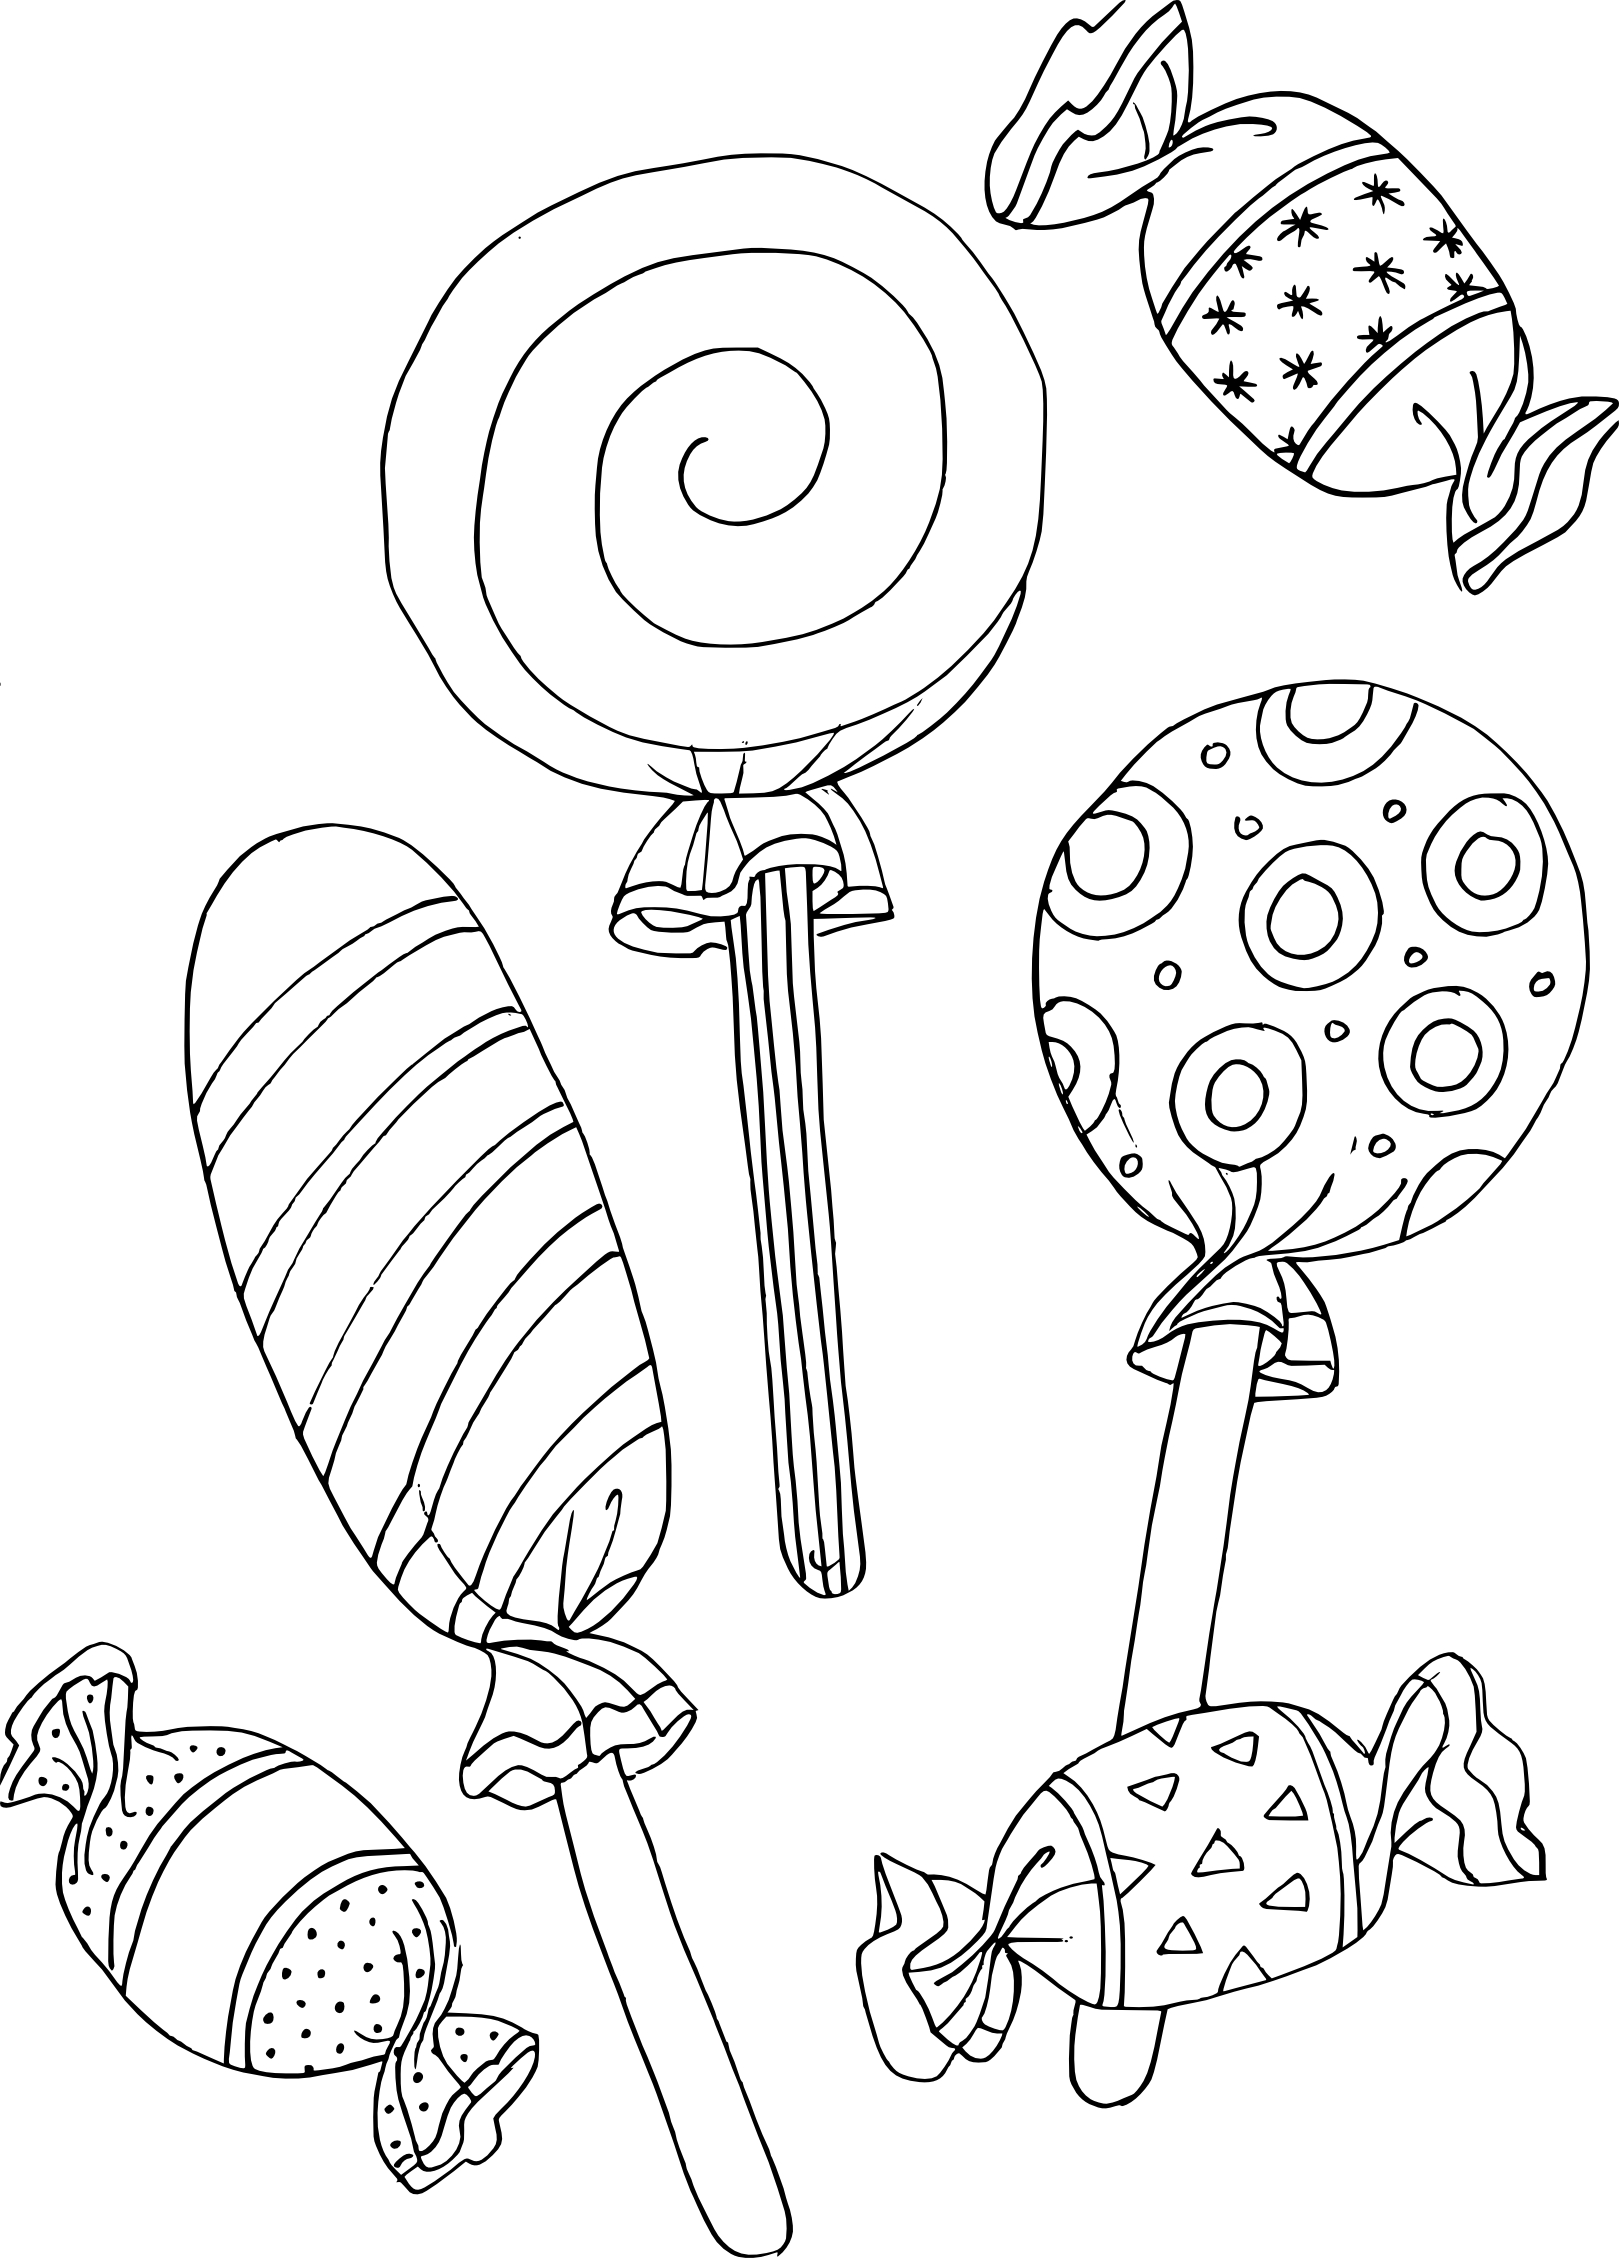 Coloriage A Imprimer Bonbon.Coloriage Bonbons Gratuit A Imprimer Et Colorier